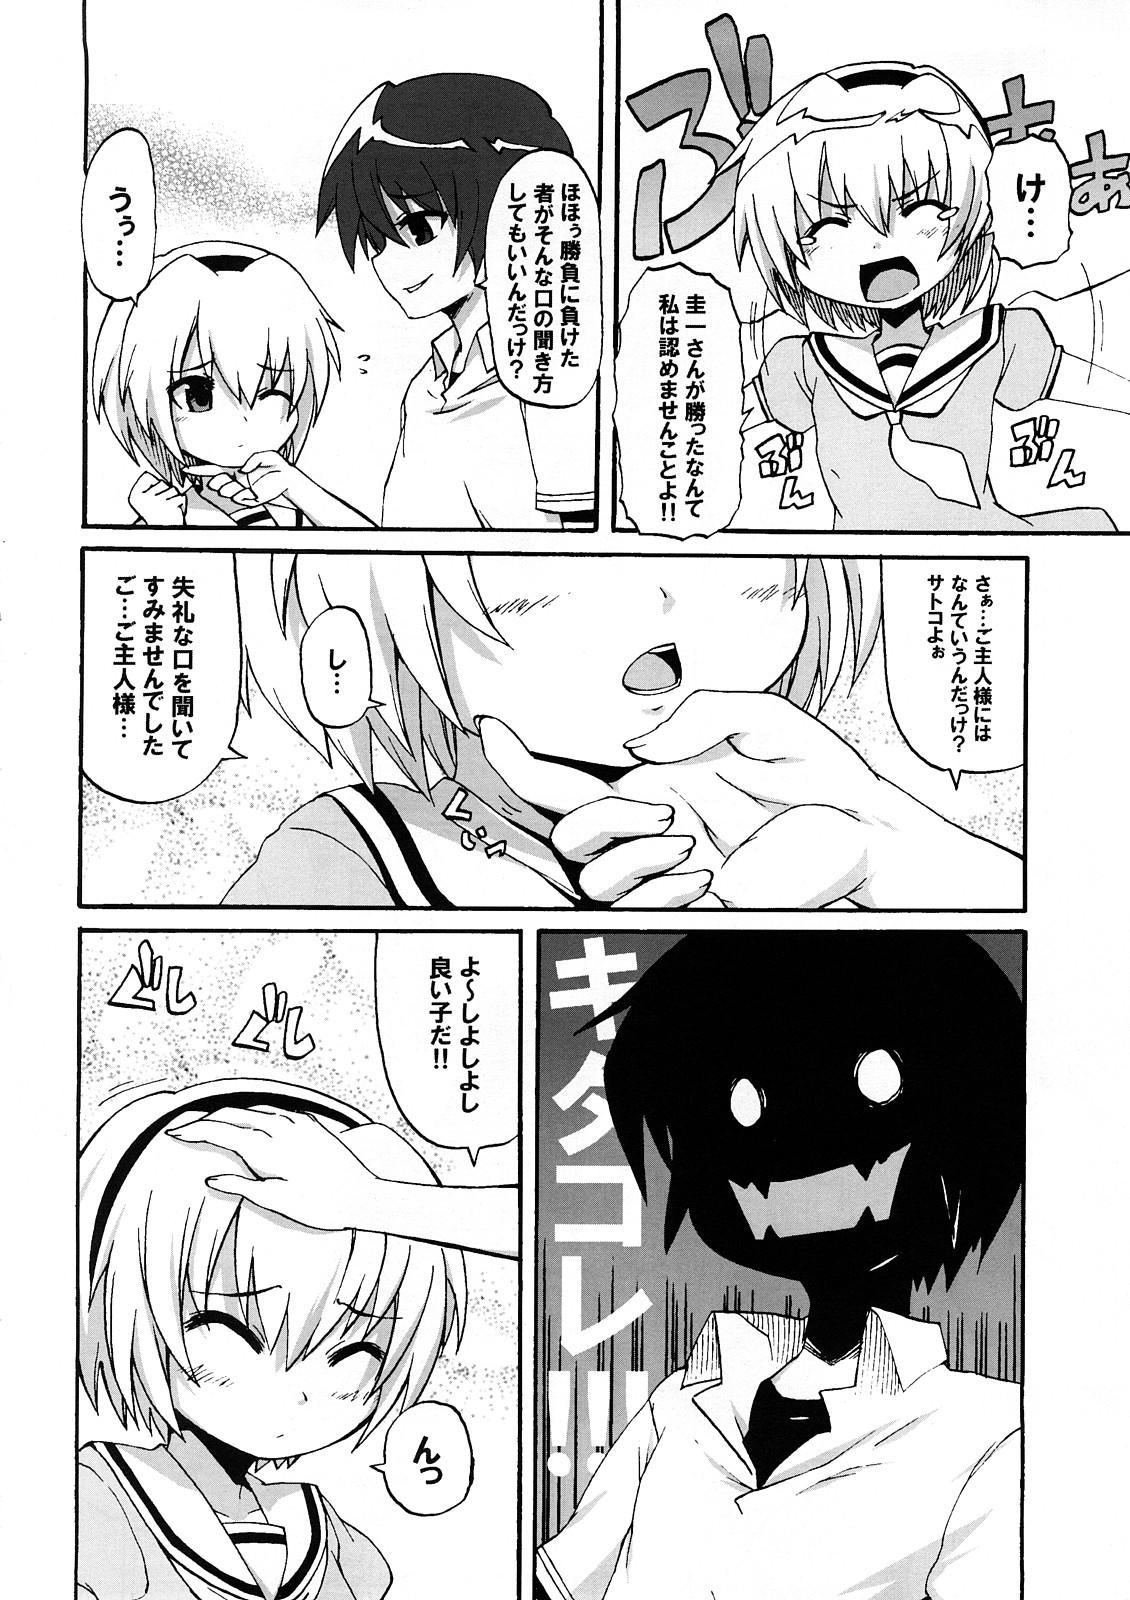 Higurashi ga Naita Ato de 4